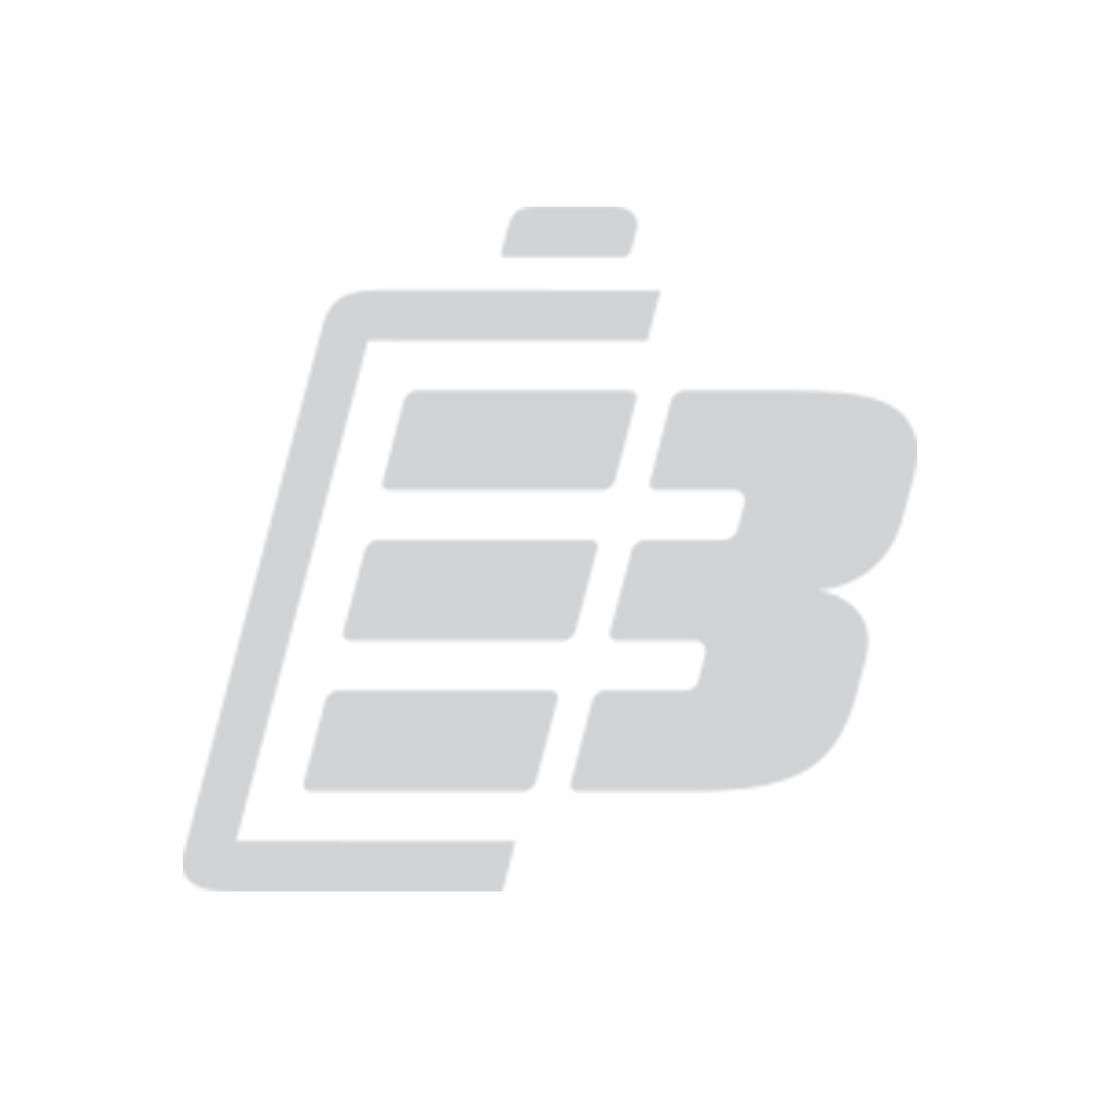 Powerex Battery Case for 4 9V Batteries_1